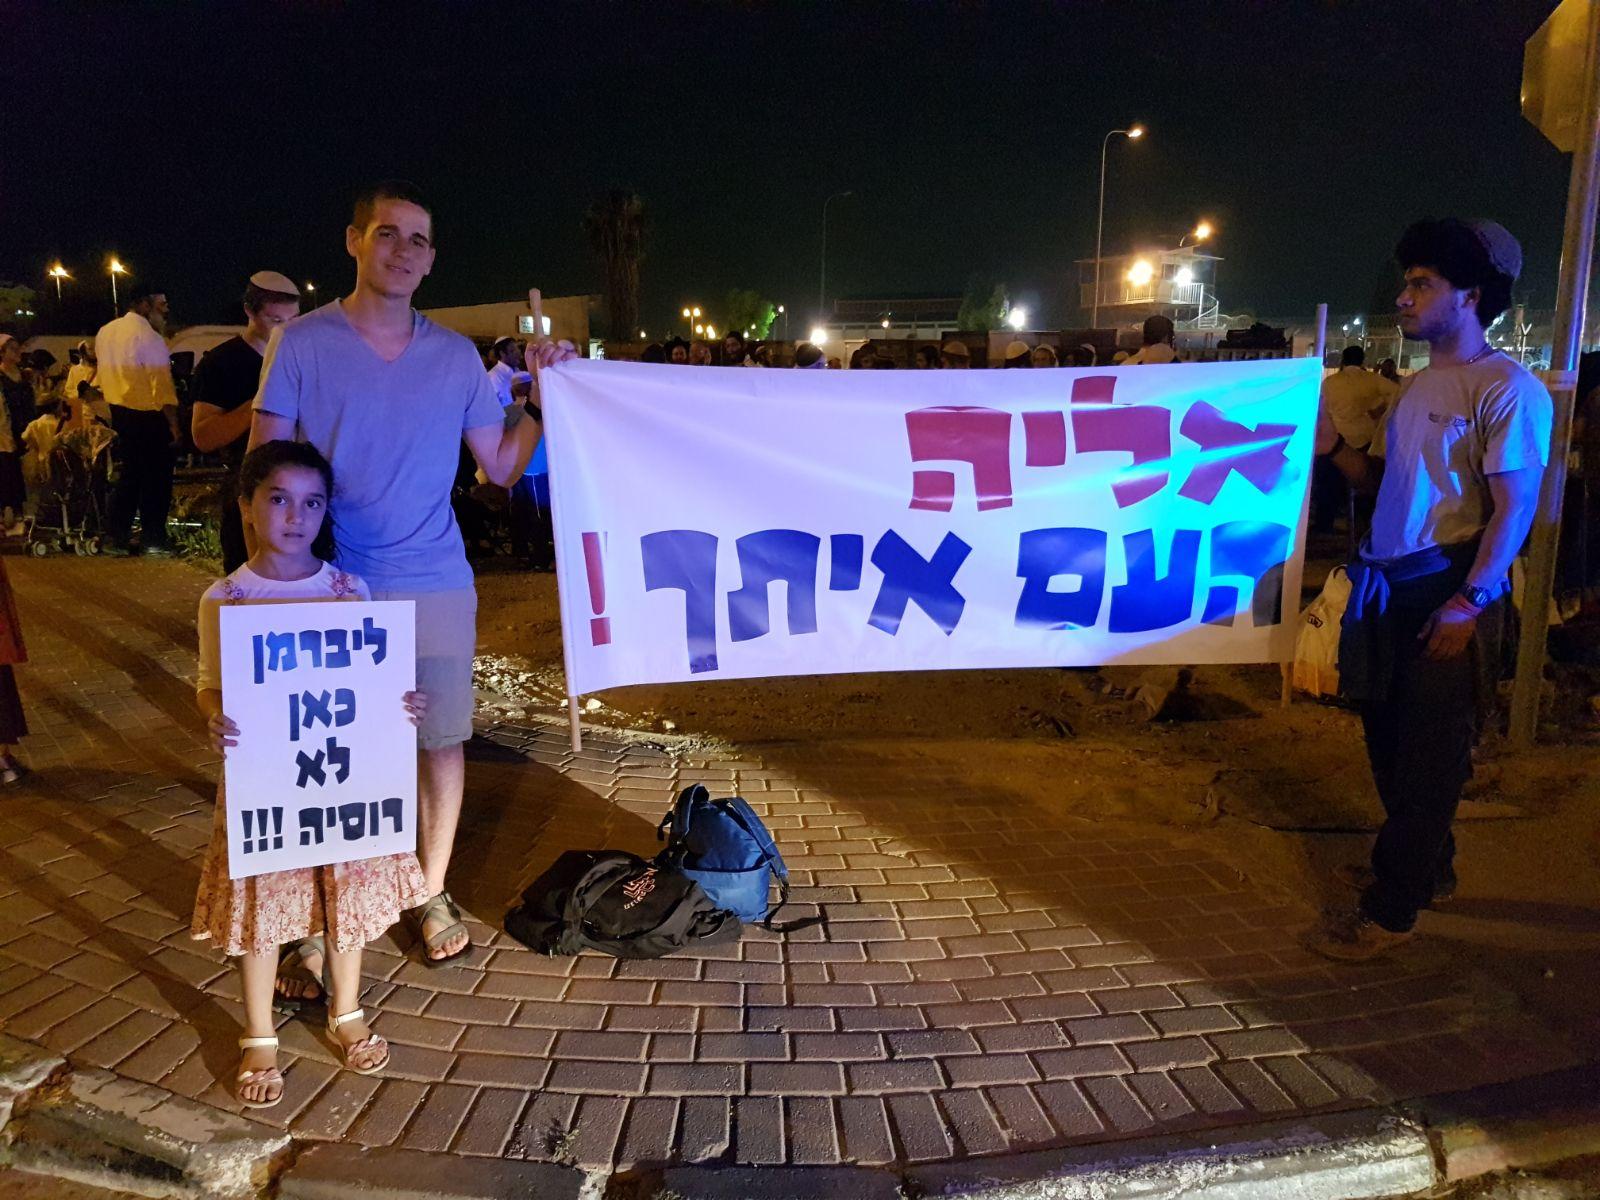 הפגנה למען אליה נתיב בעת מעצרו באדיבות המצלם